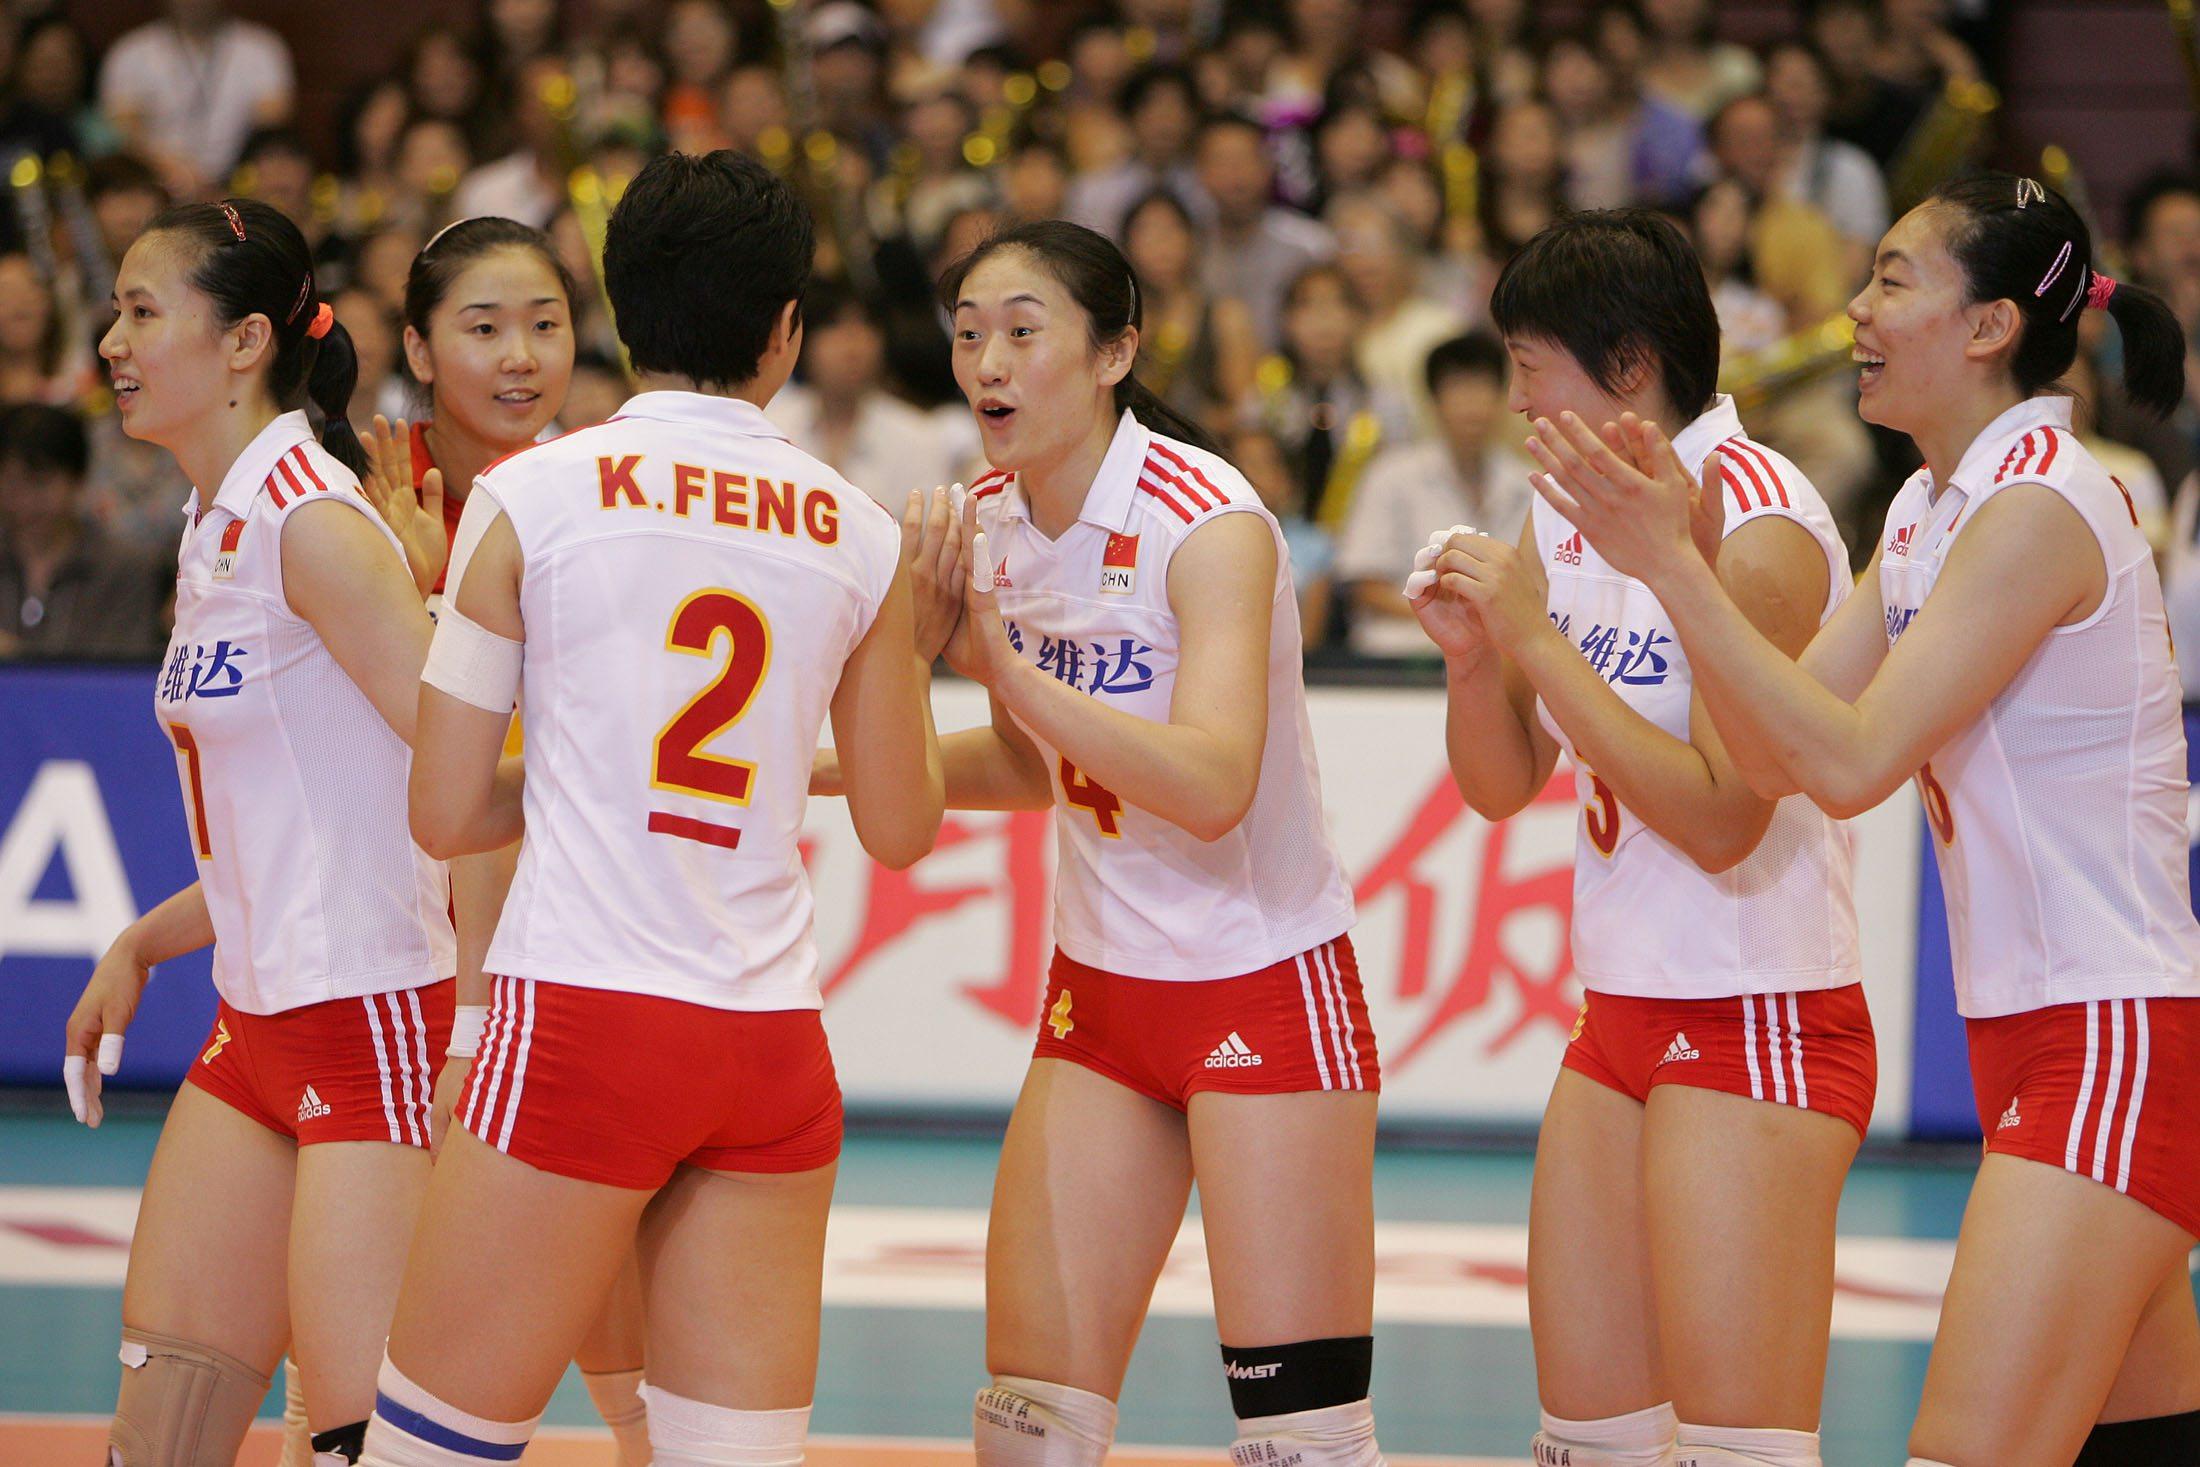 【心随昊动】2005世界女排奖赛杨昊超图